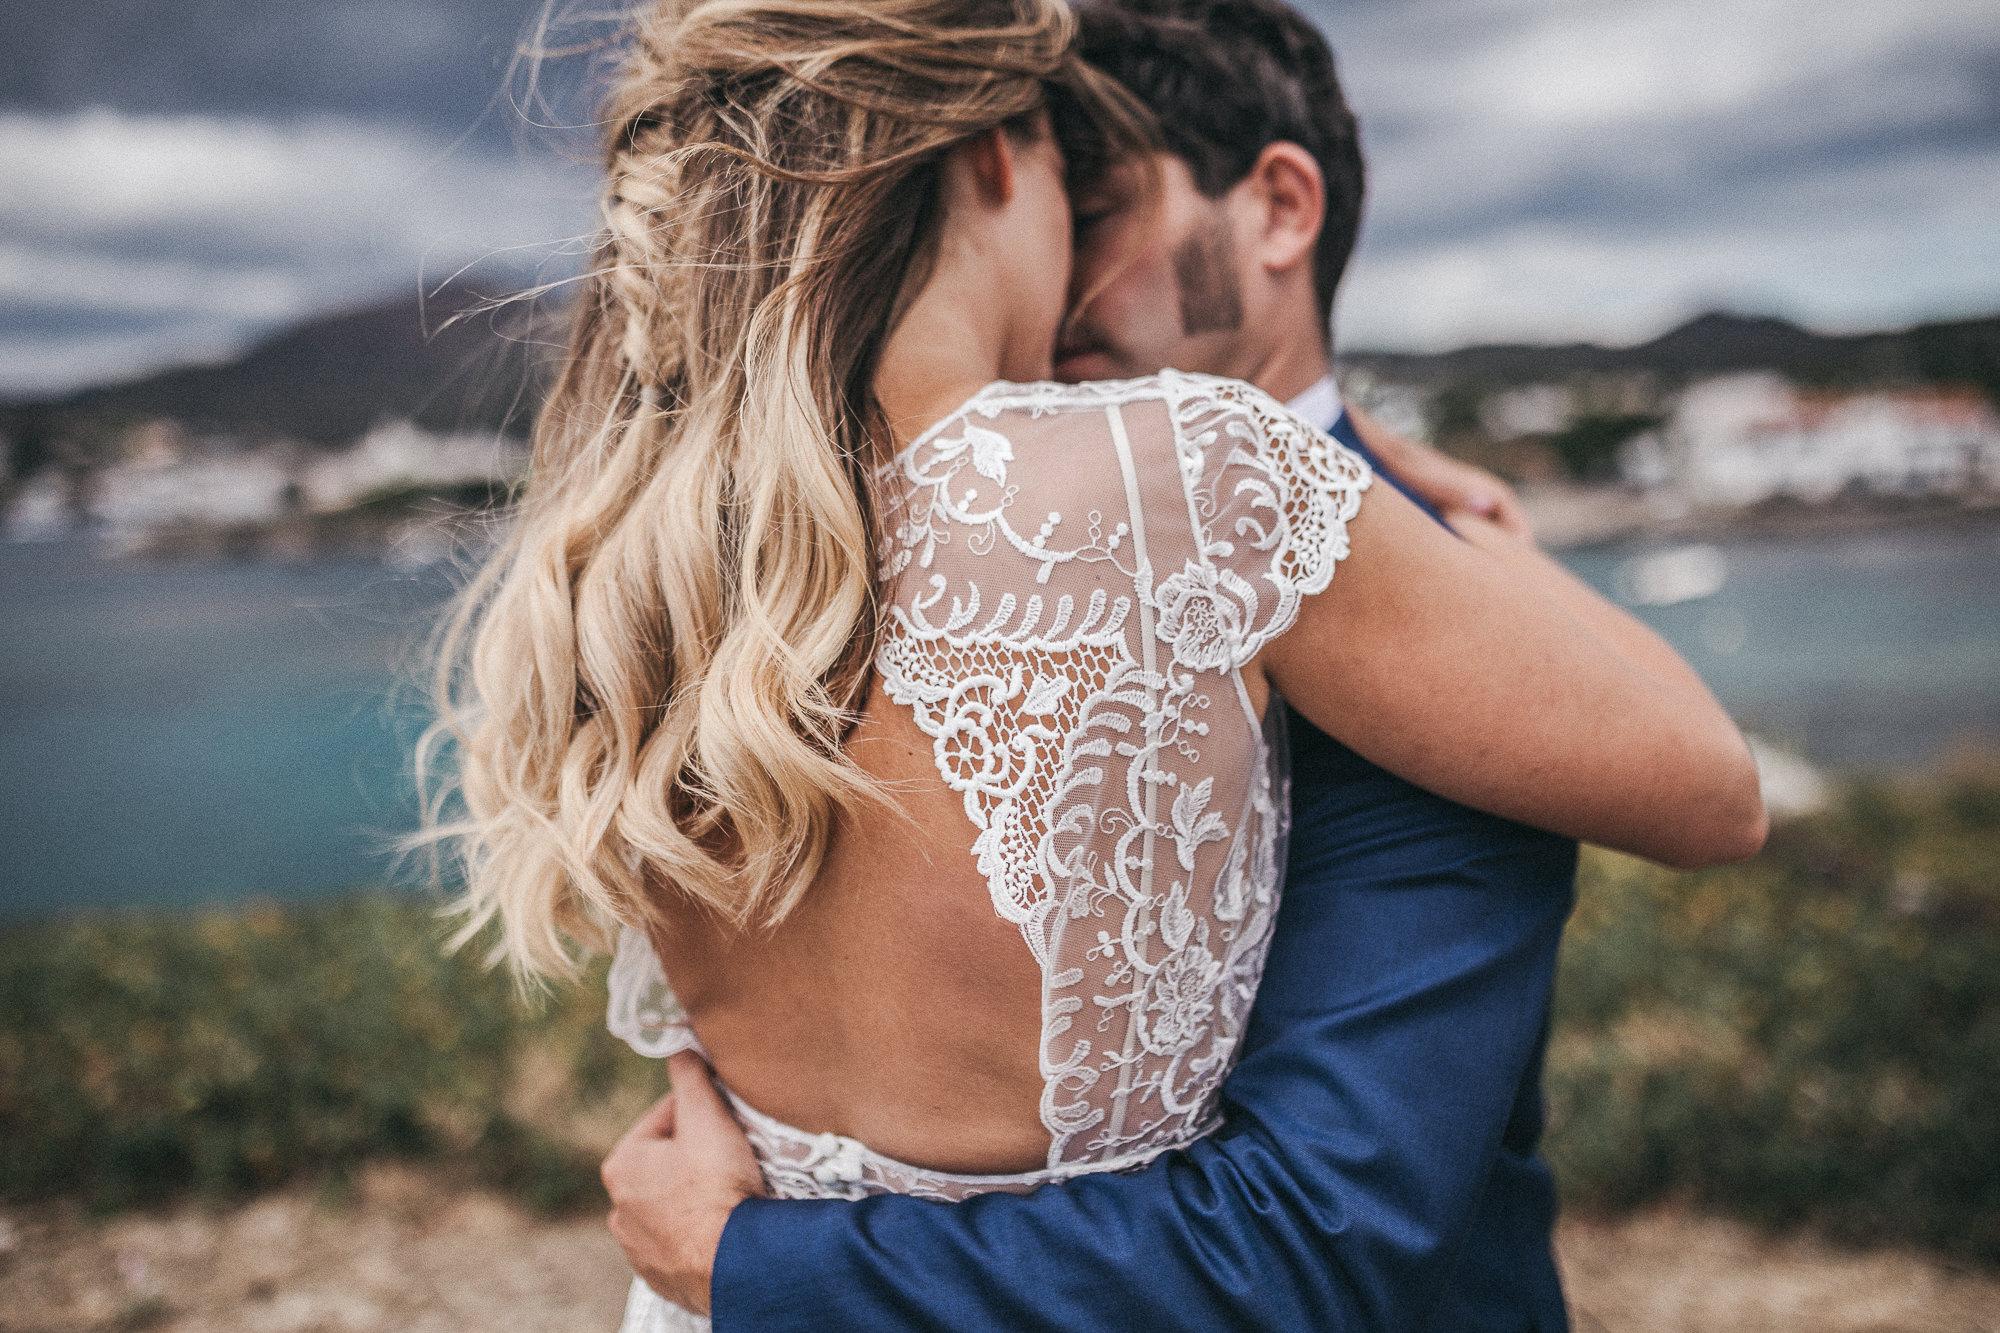 Fotografo de bodas españa serafin castillo wedding photographer spain 965.jpg